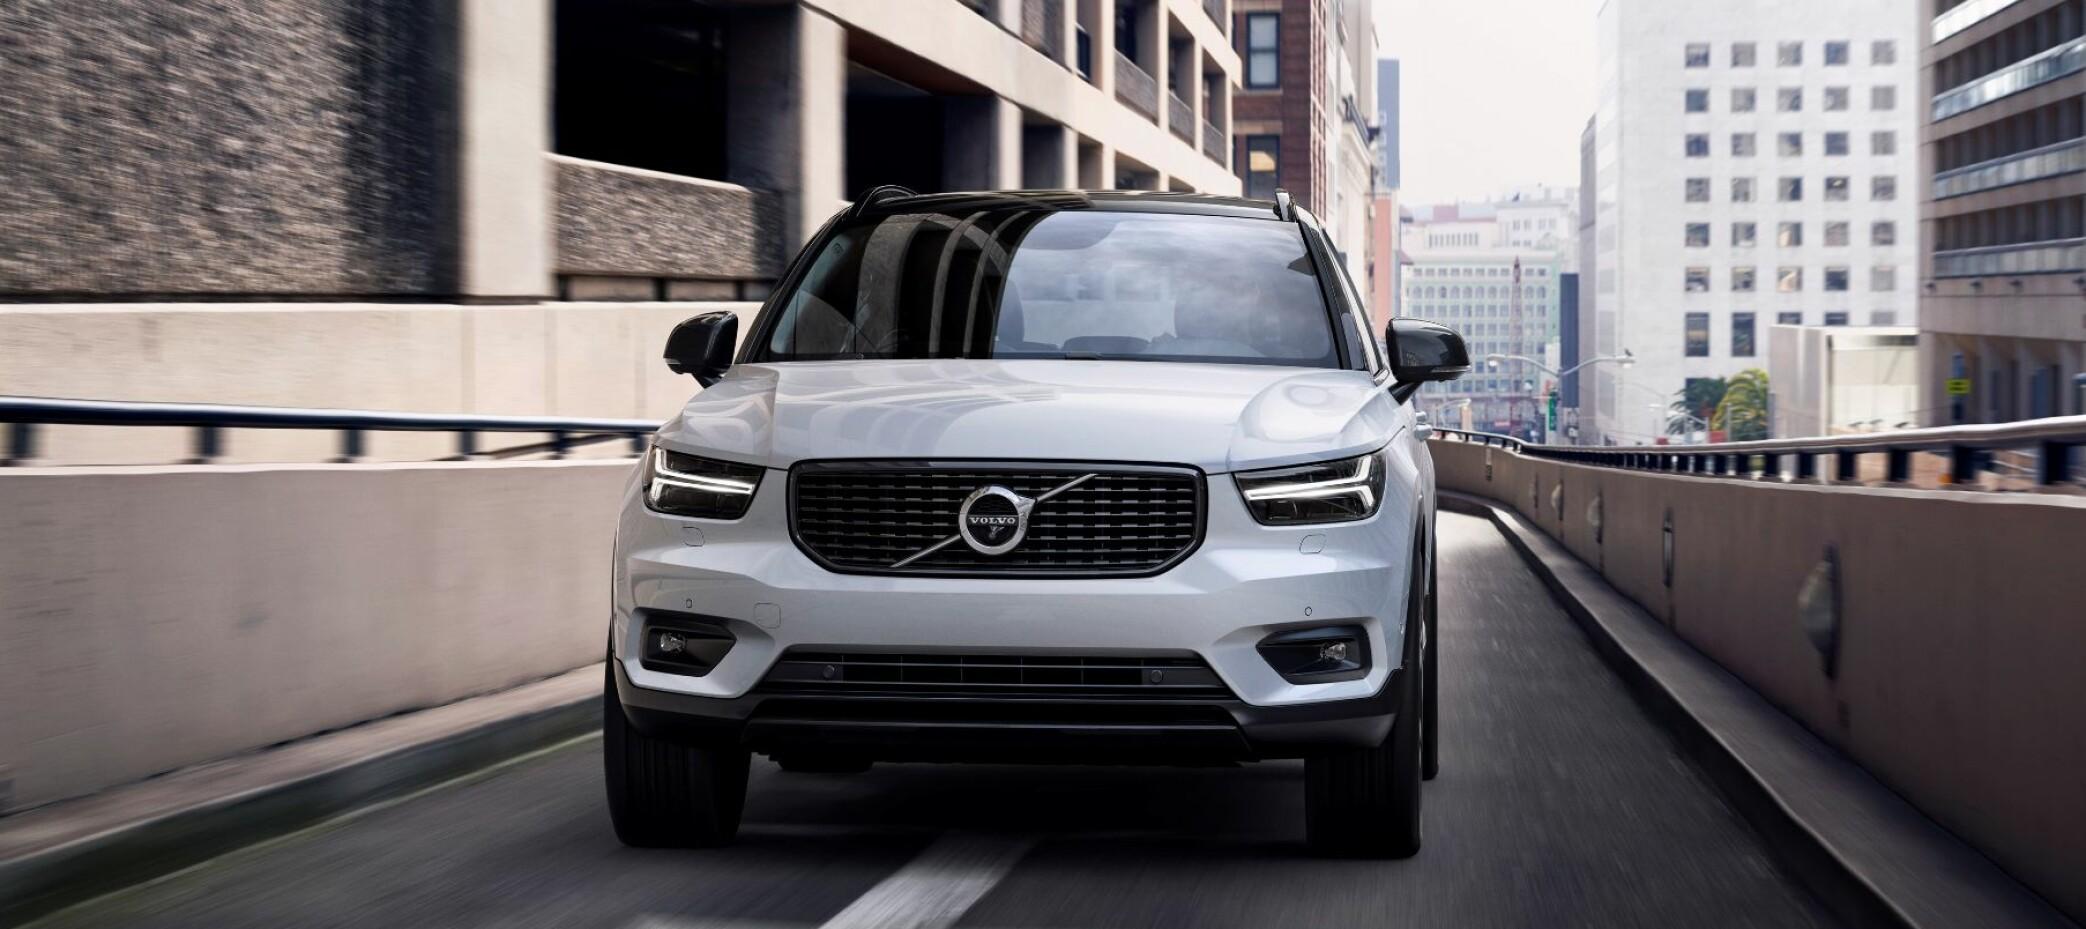 <b>KOMMER FOR SALG 2020:</b> Volvo skal vise fram sin helelektriske XC40 senere i år, så kommer bilen på markedet i 2020.